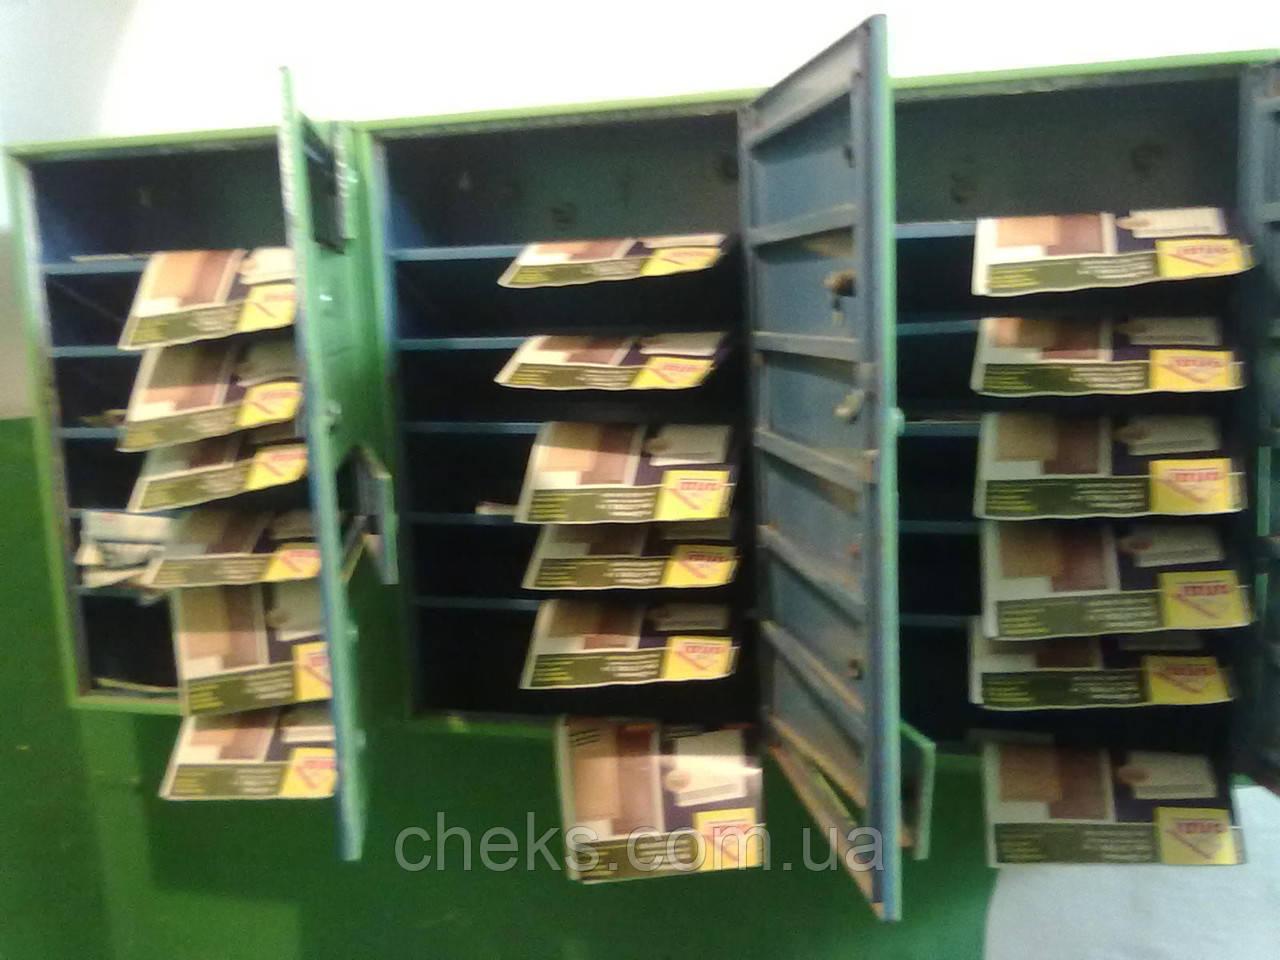 Акция!Распространение по почтовым ящикам  Черкасс от 15 коп/шт!